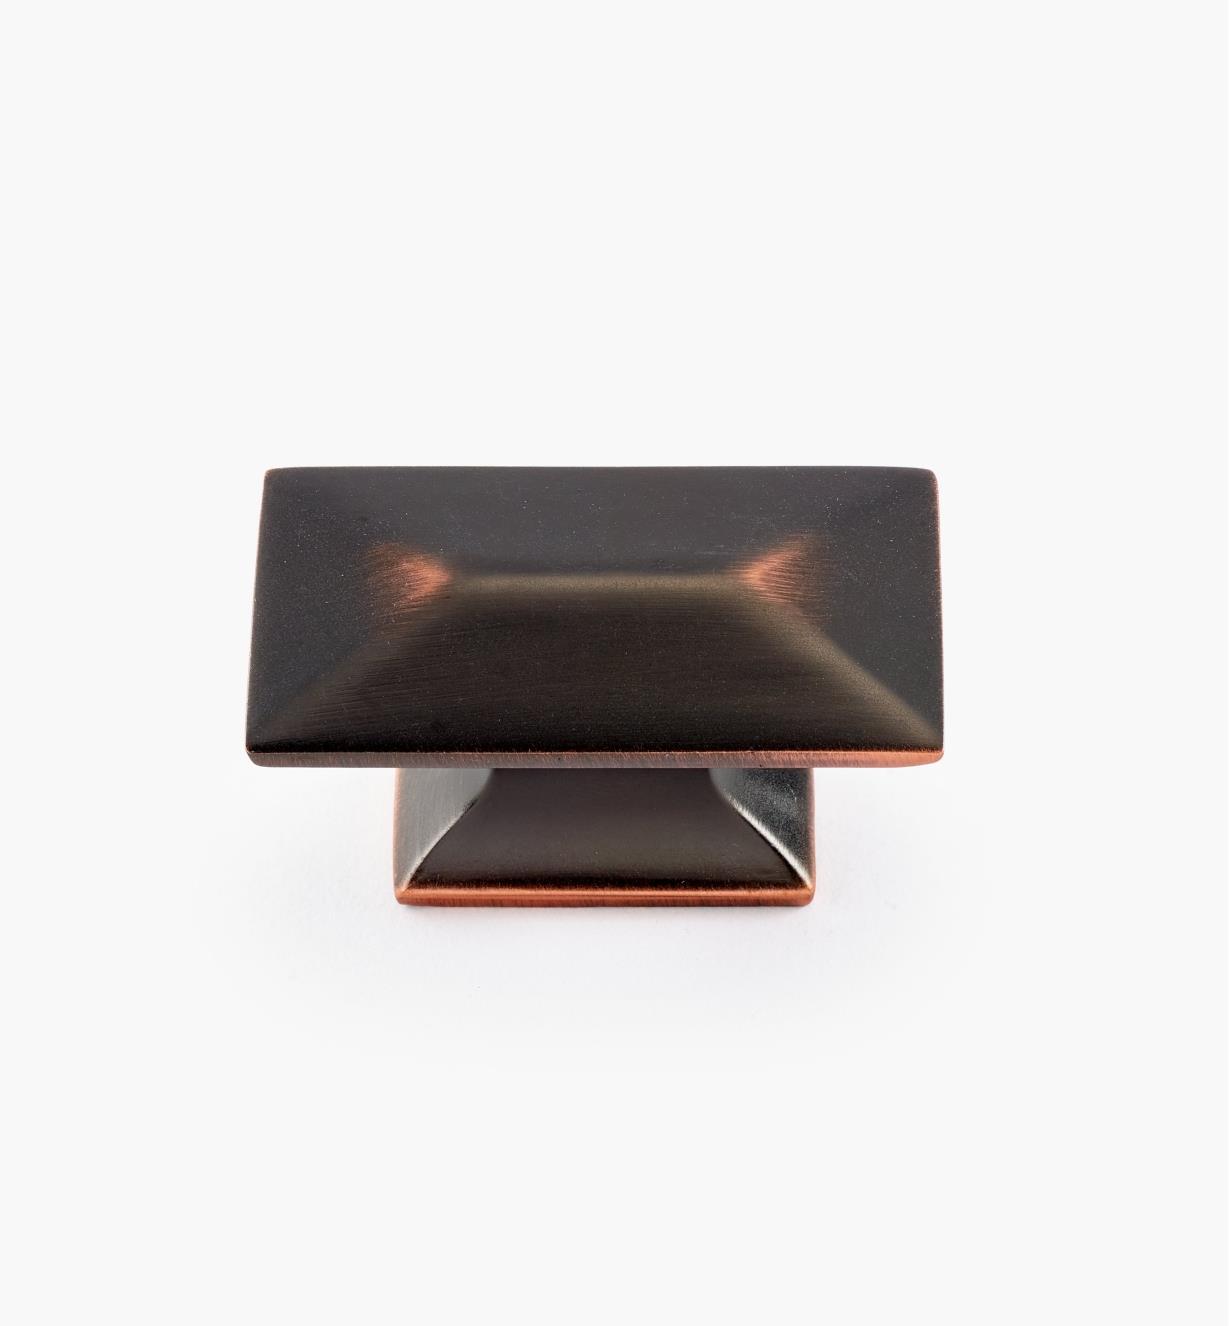 02W3532 - Bouton de 1 3/4 po x 15/16 po, série Bungalow, fini bronze cuivré